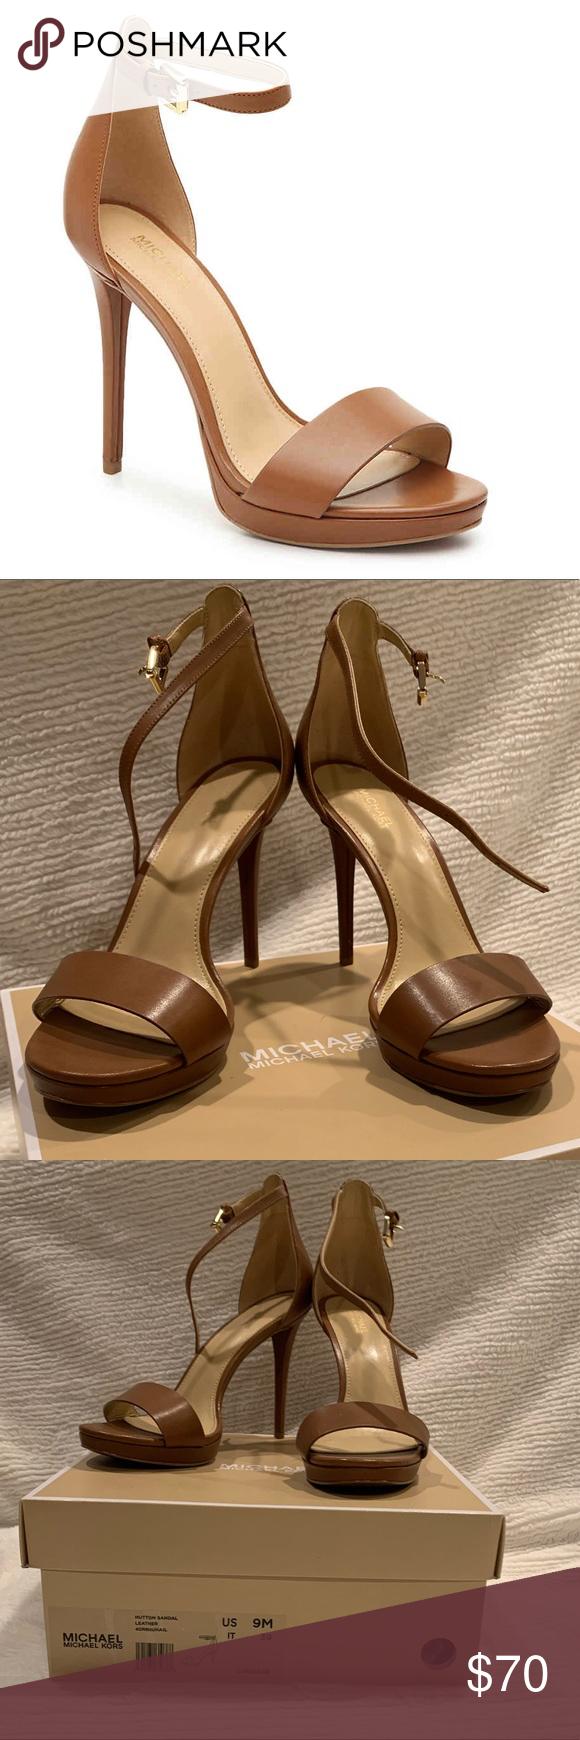 hutton suede sandal michael kors